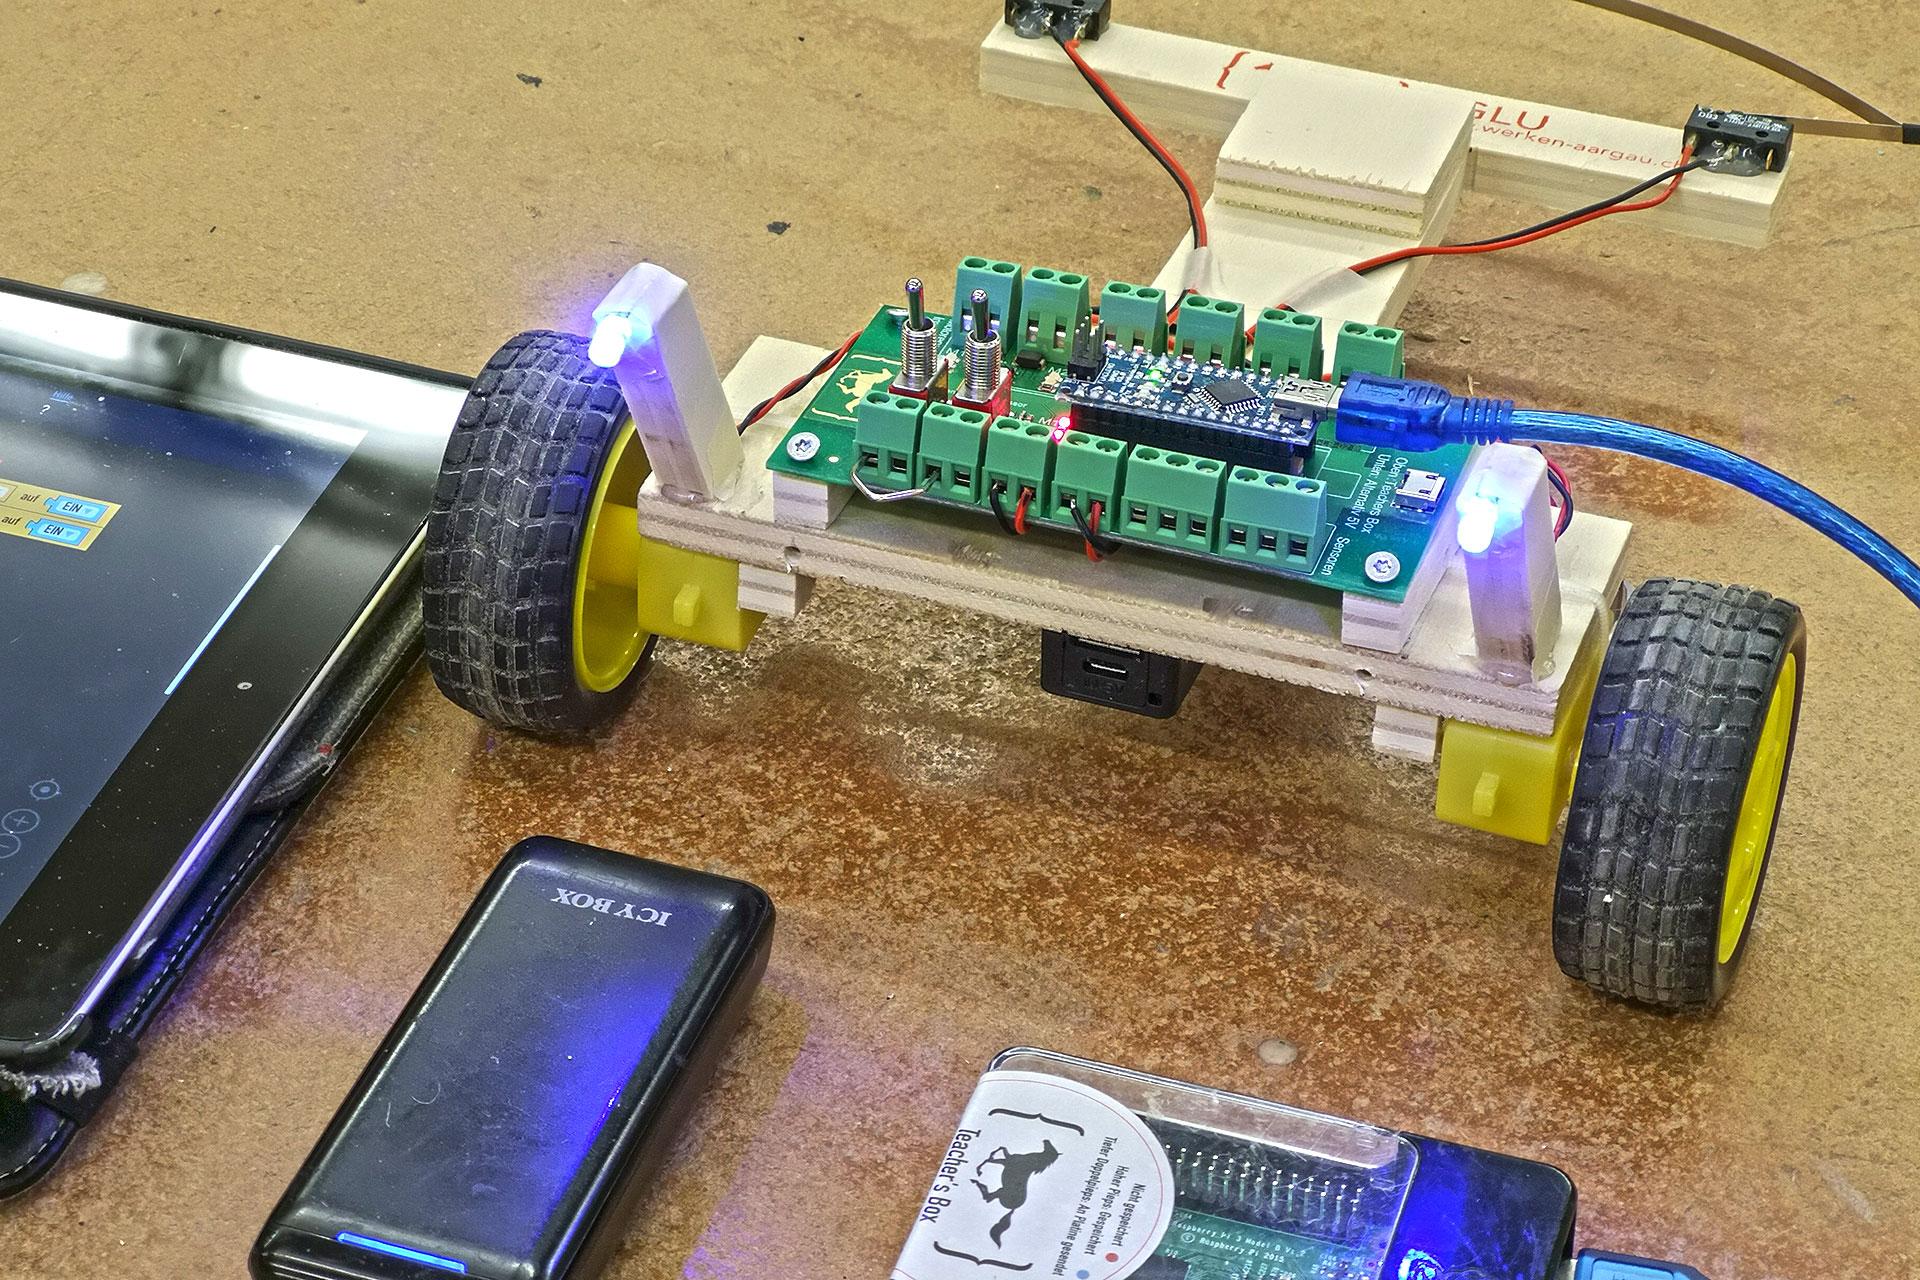 fertig gebautes selbstfahrendes Auto mit Tablet und Programmierungsbox